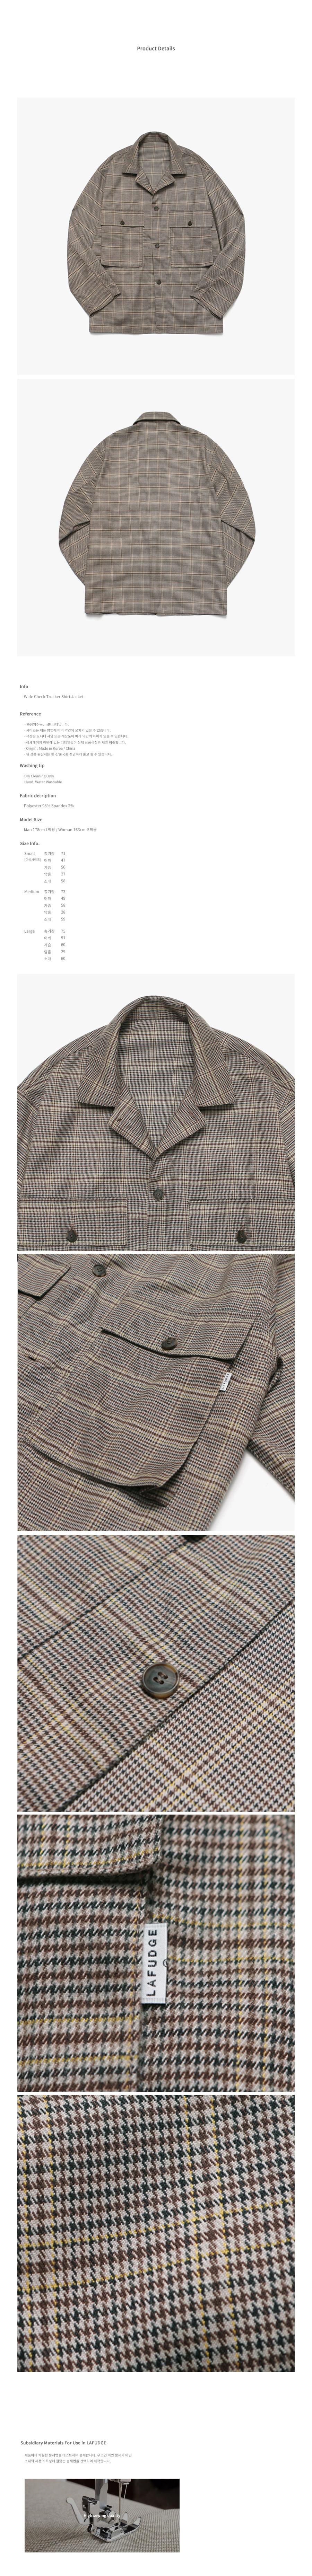 라퍼지스토어(LAFUDGESTORE) (Unisex)와이드 체크 트러커 셔츠자켓